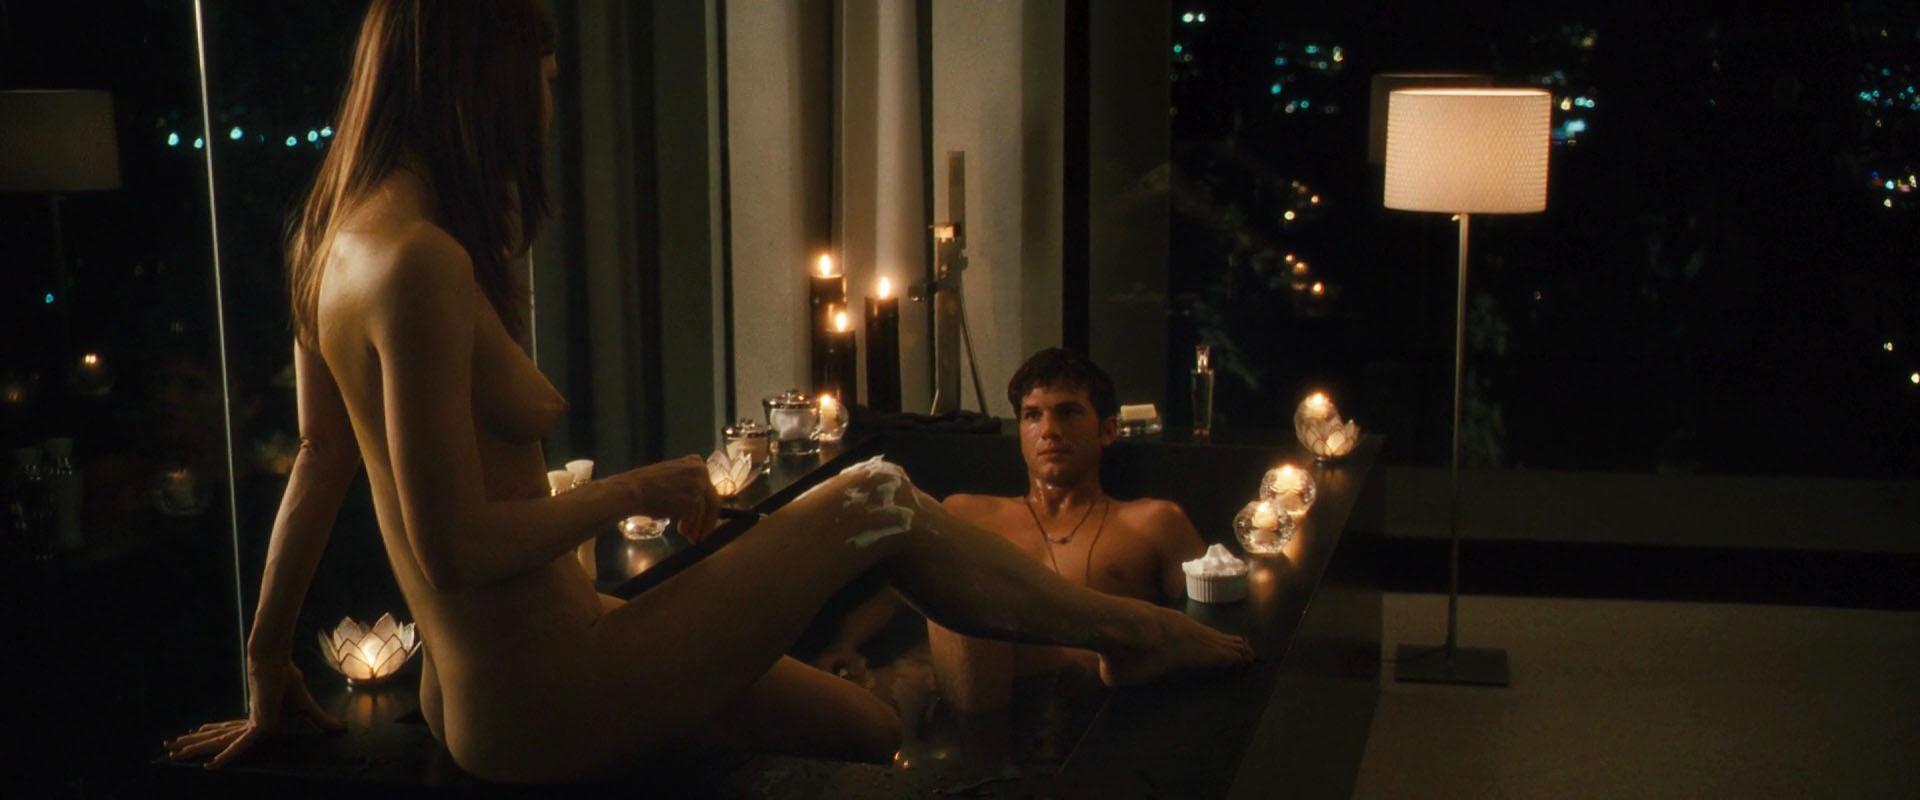 eroticheskie-filmi-argentina